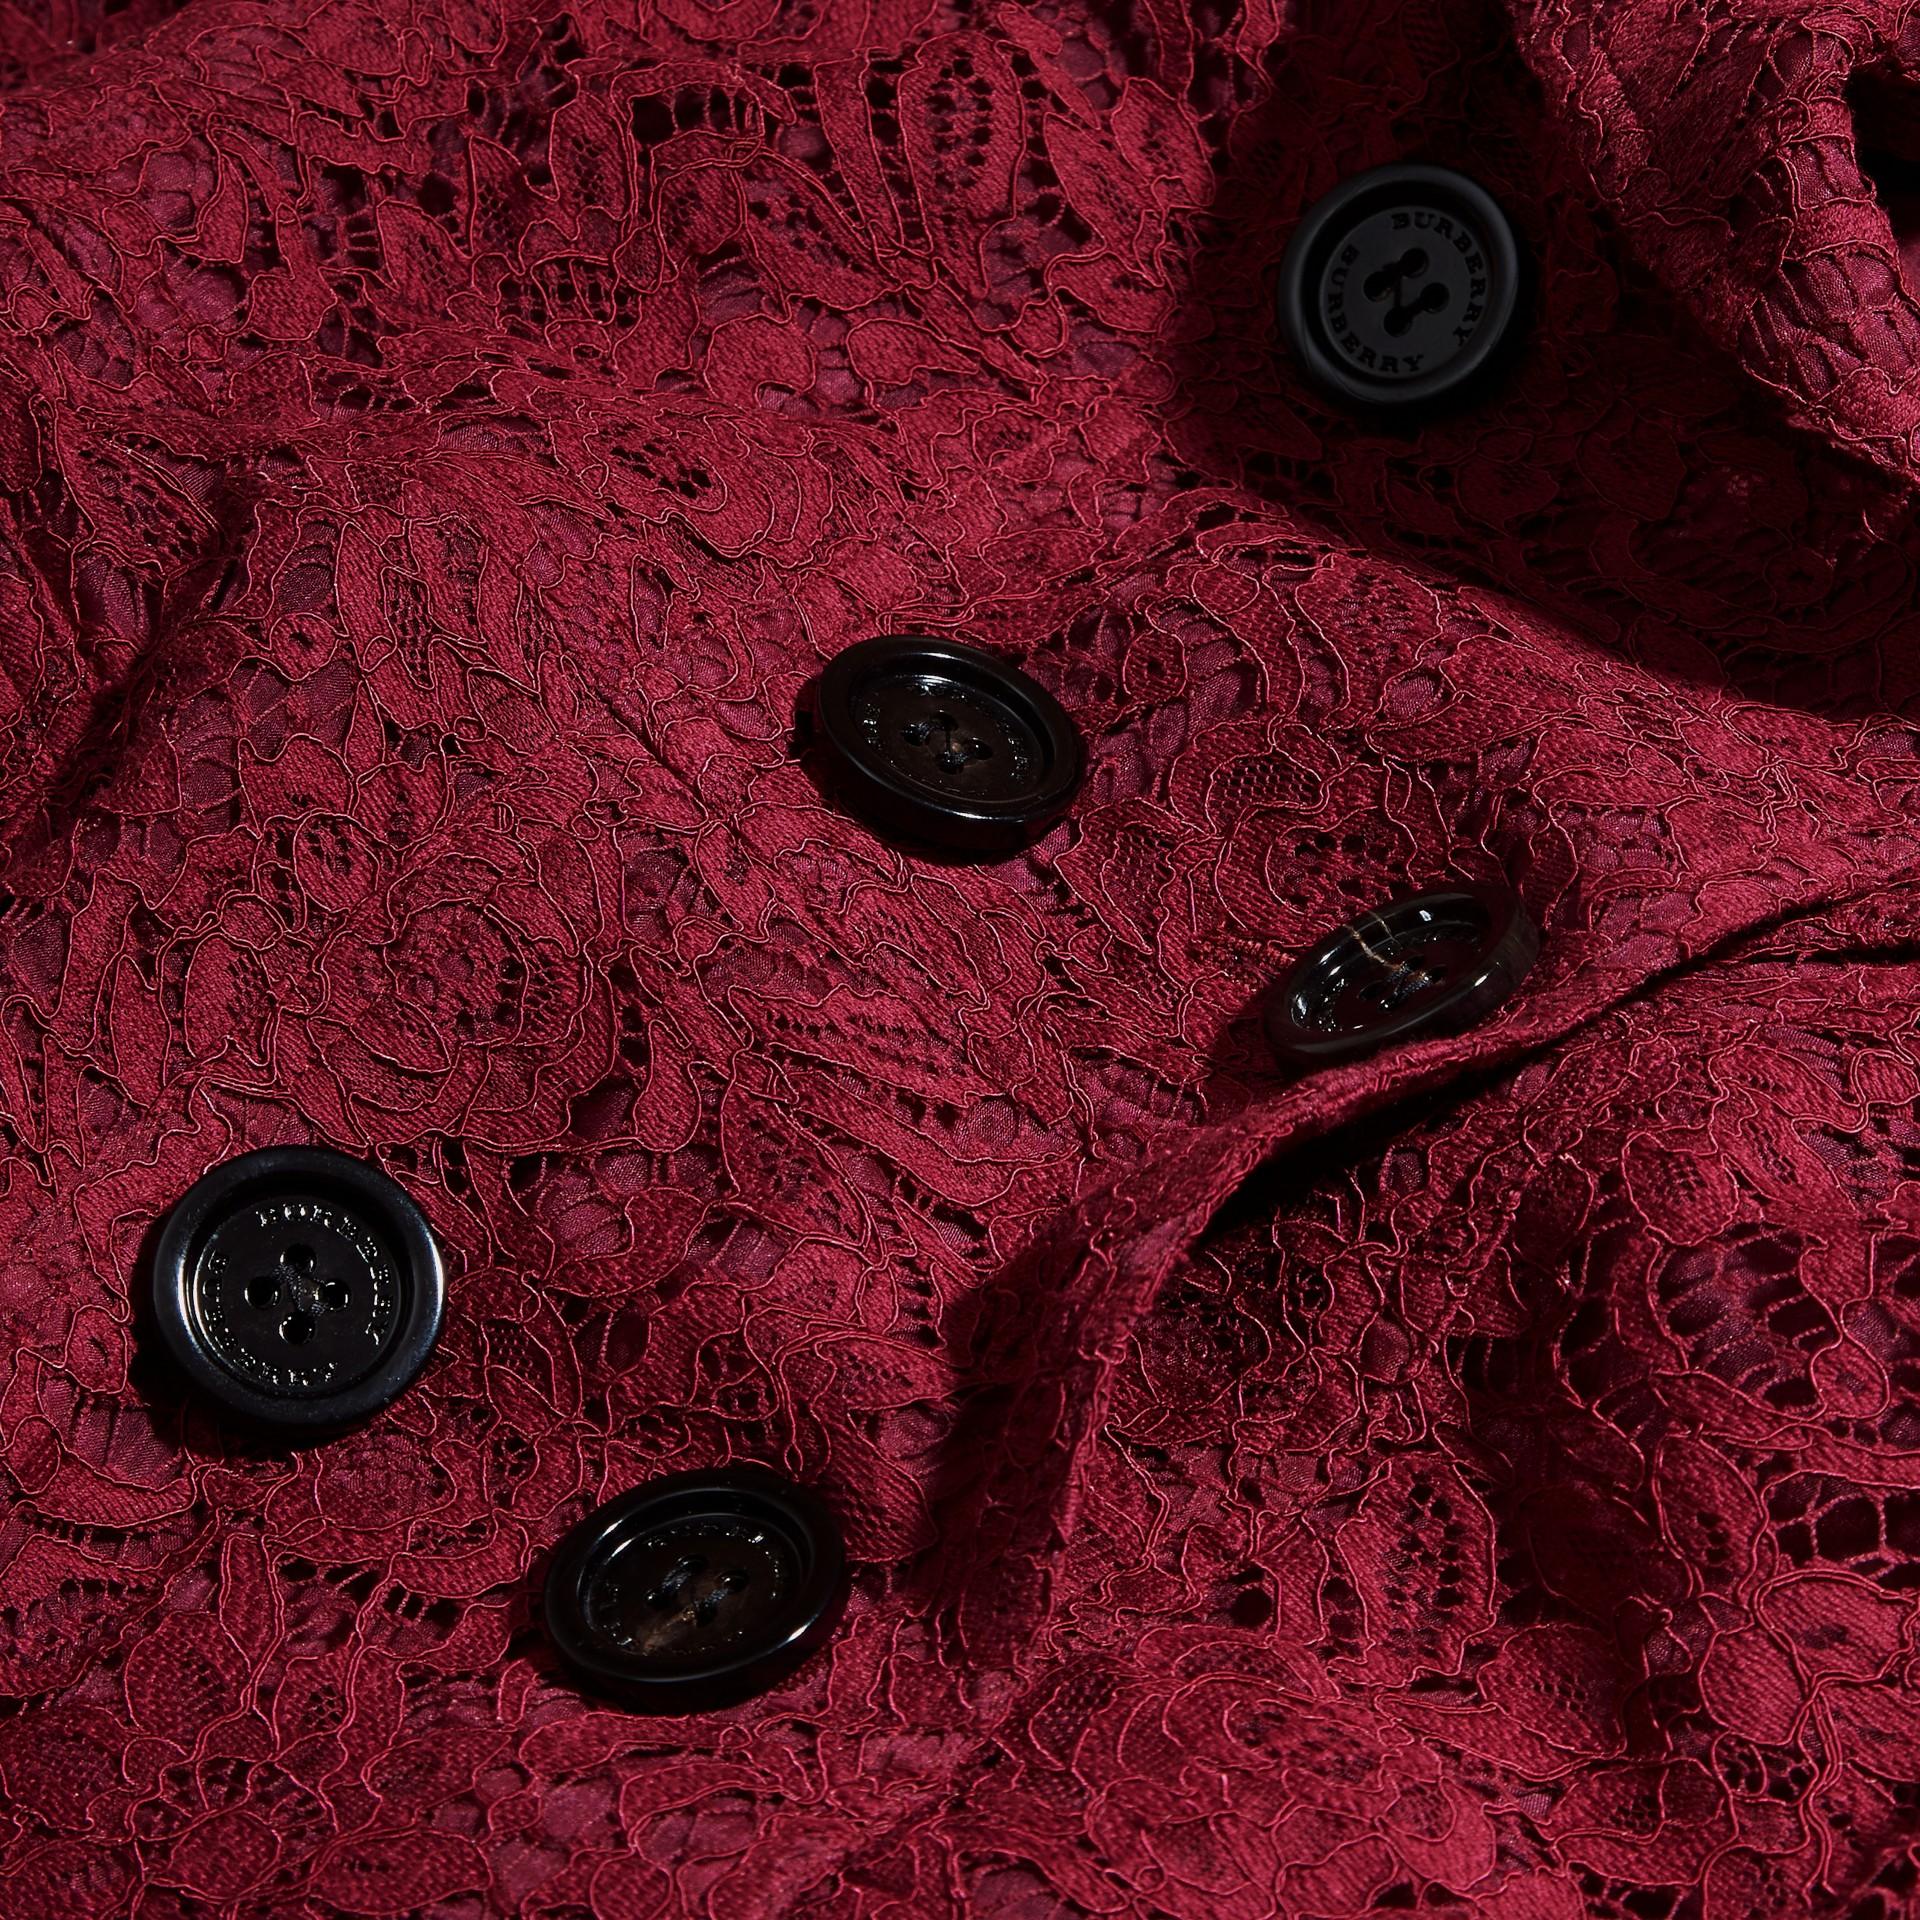 Cremisi scuro Trench coat in pizzo italiano con orli smerlati - immagine della galleria 2